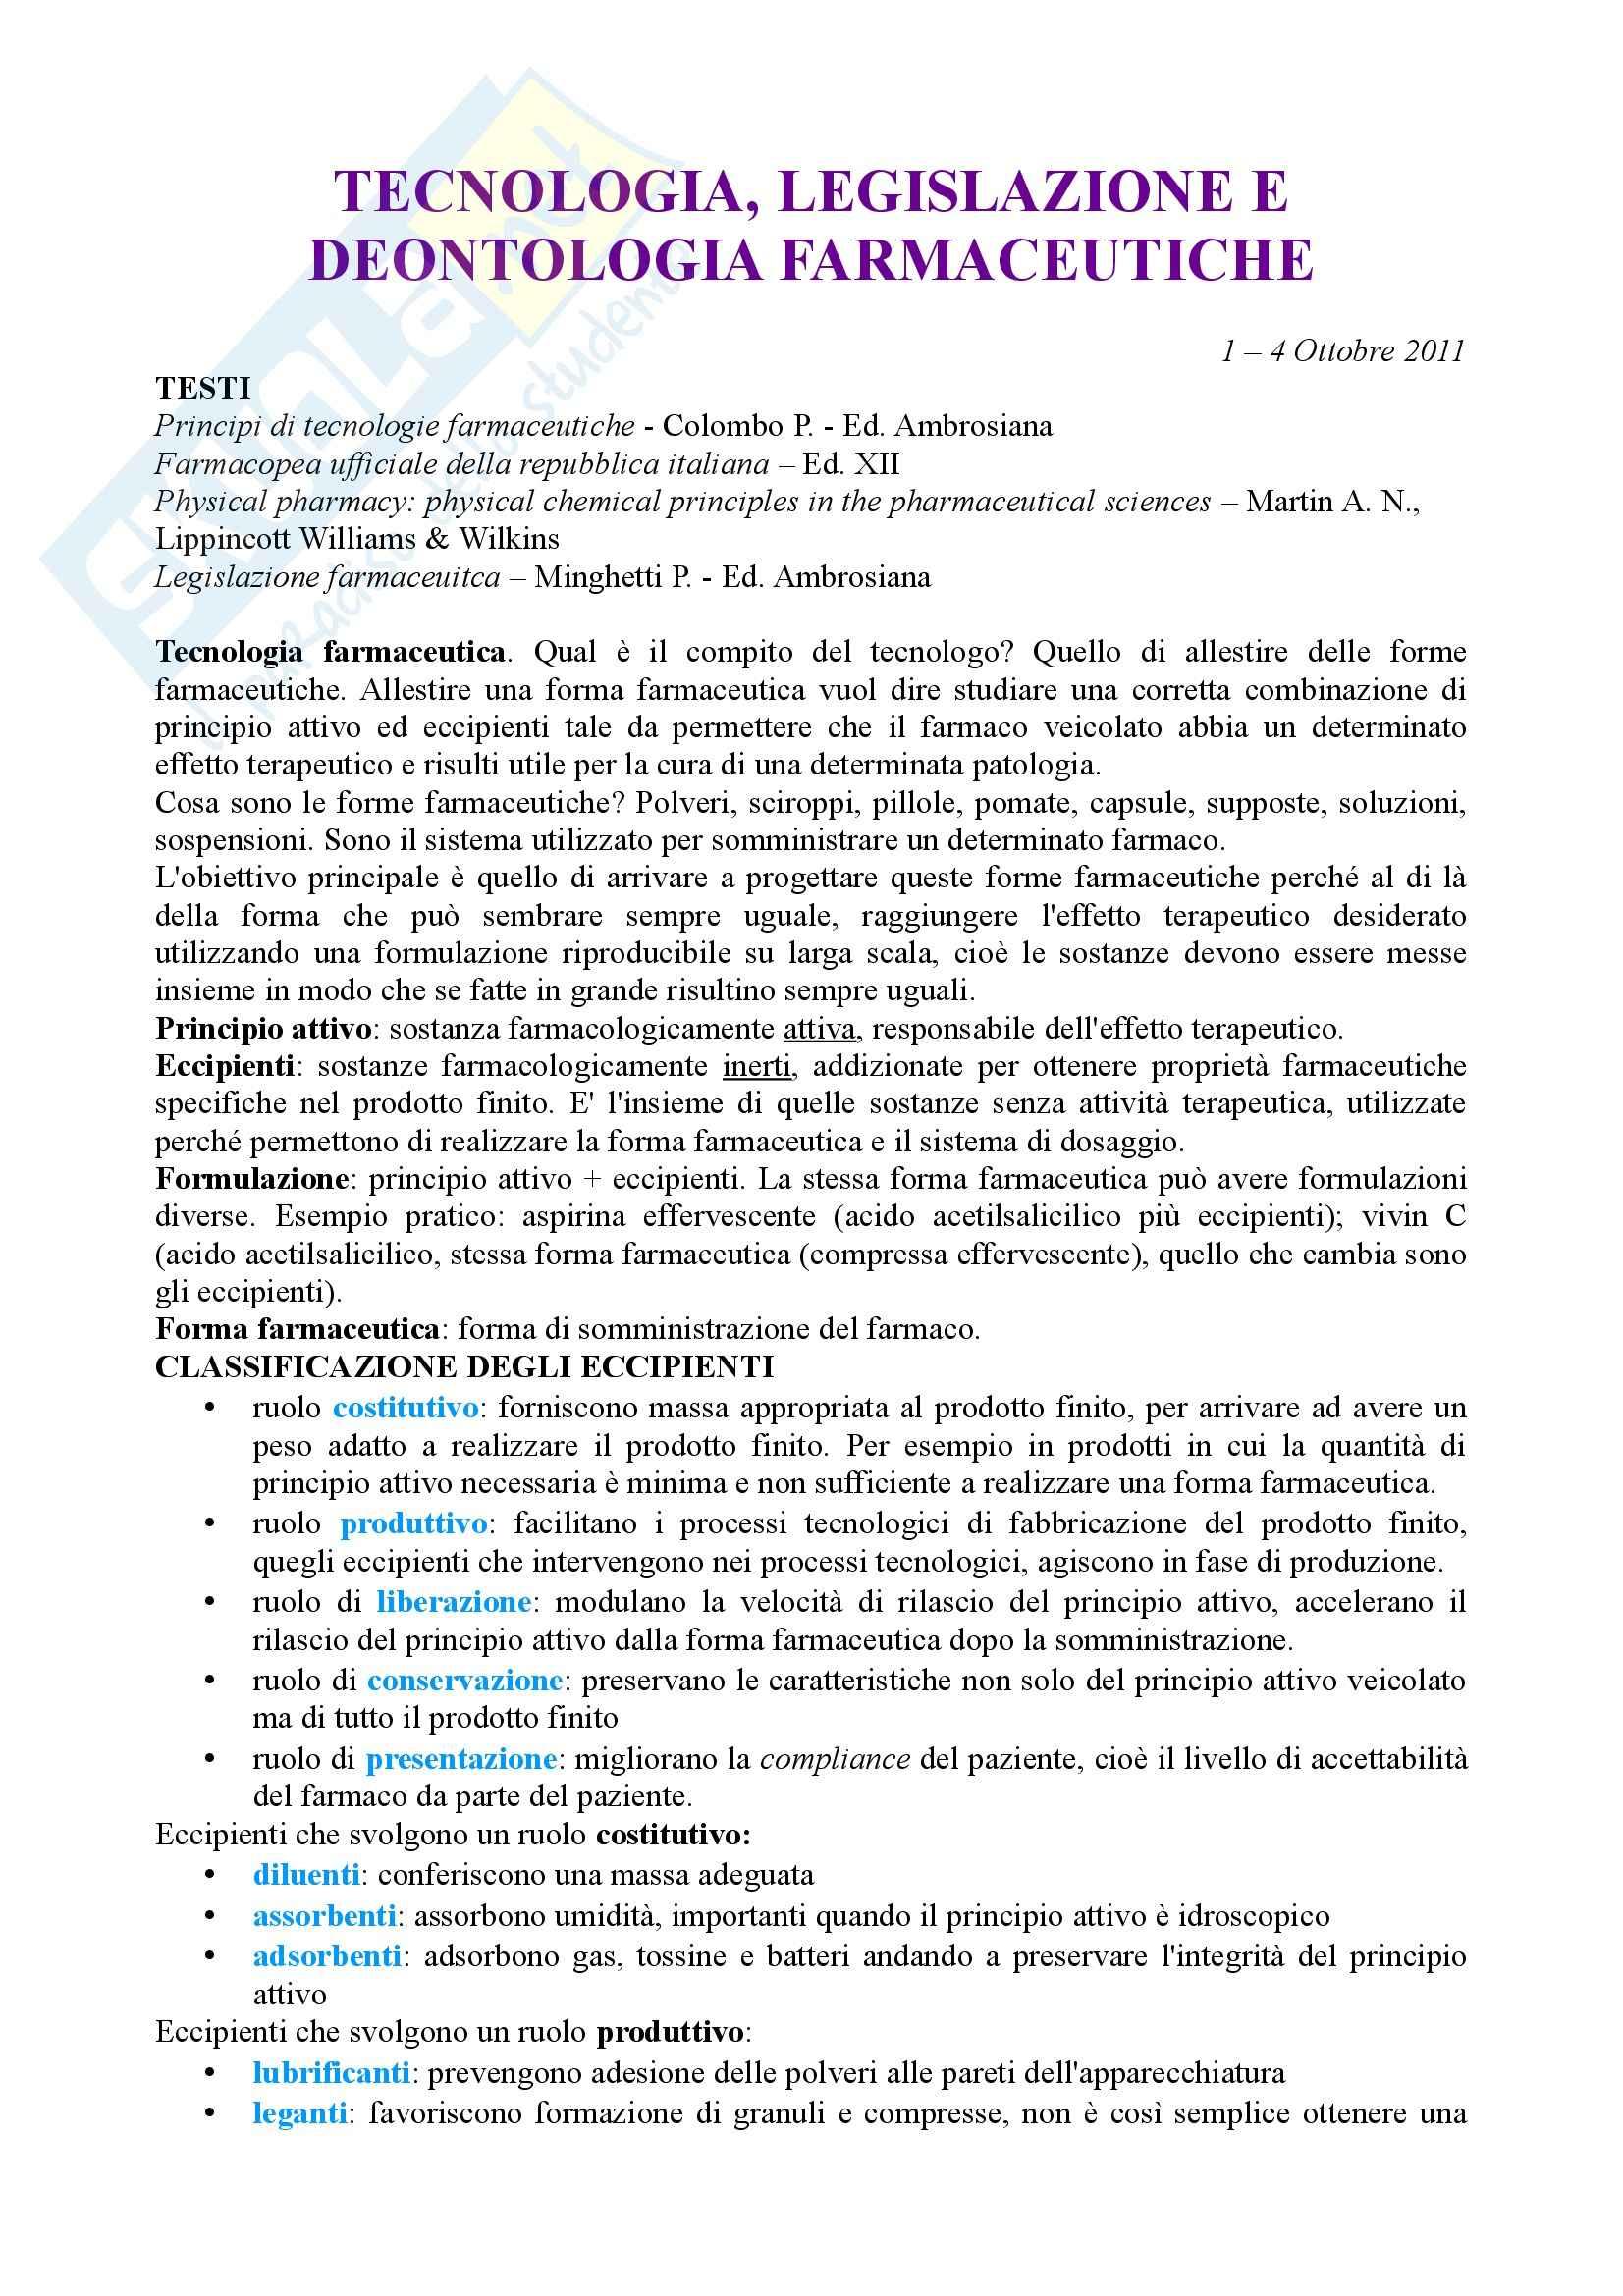 Tecnica farmaceutica - tecnologia, legislazione e deontologia farmaceutiche